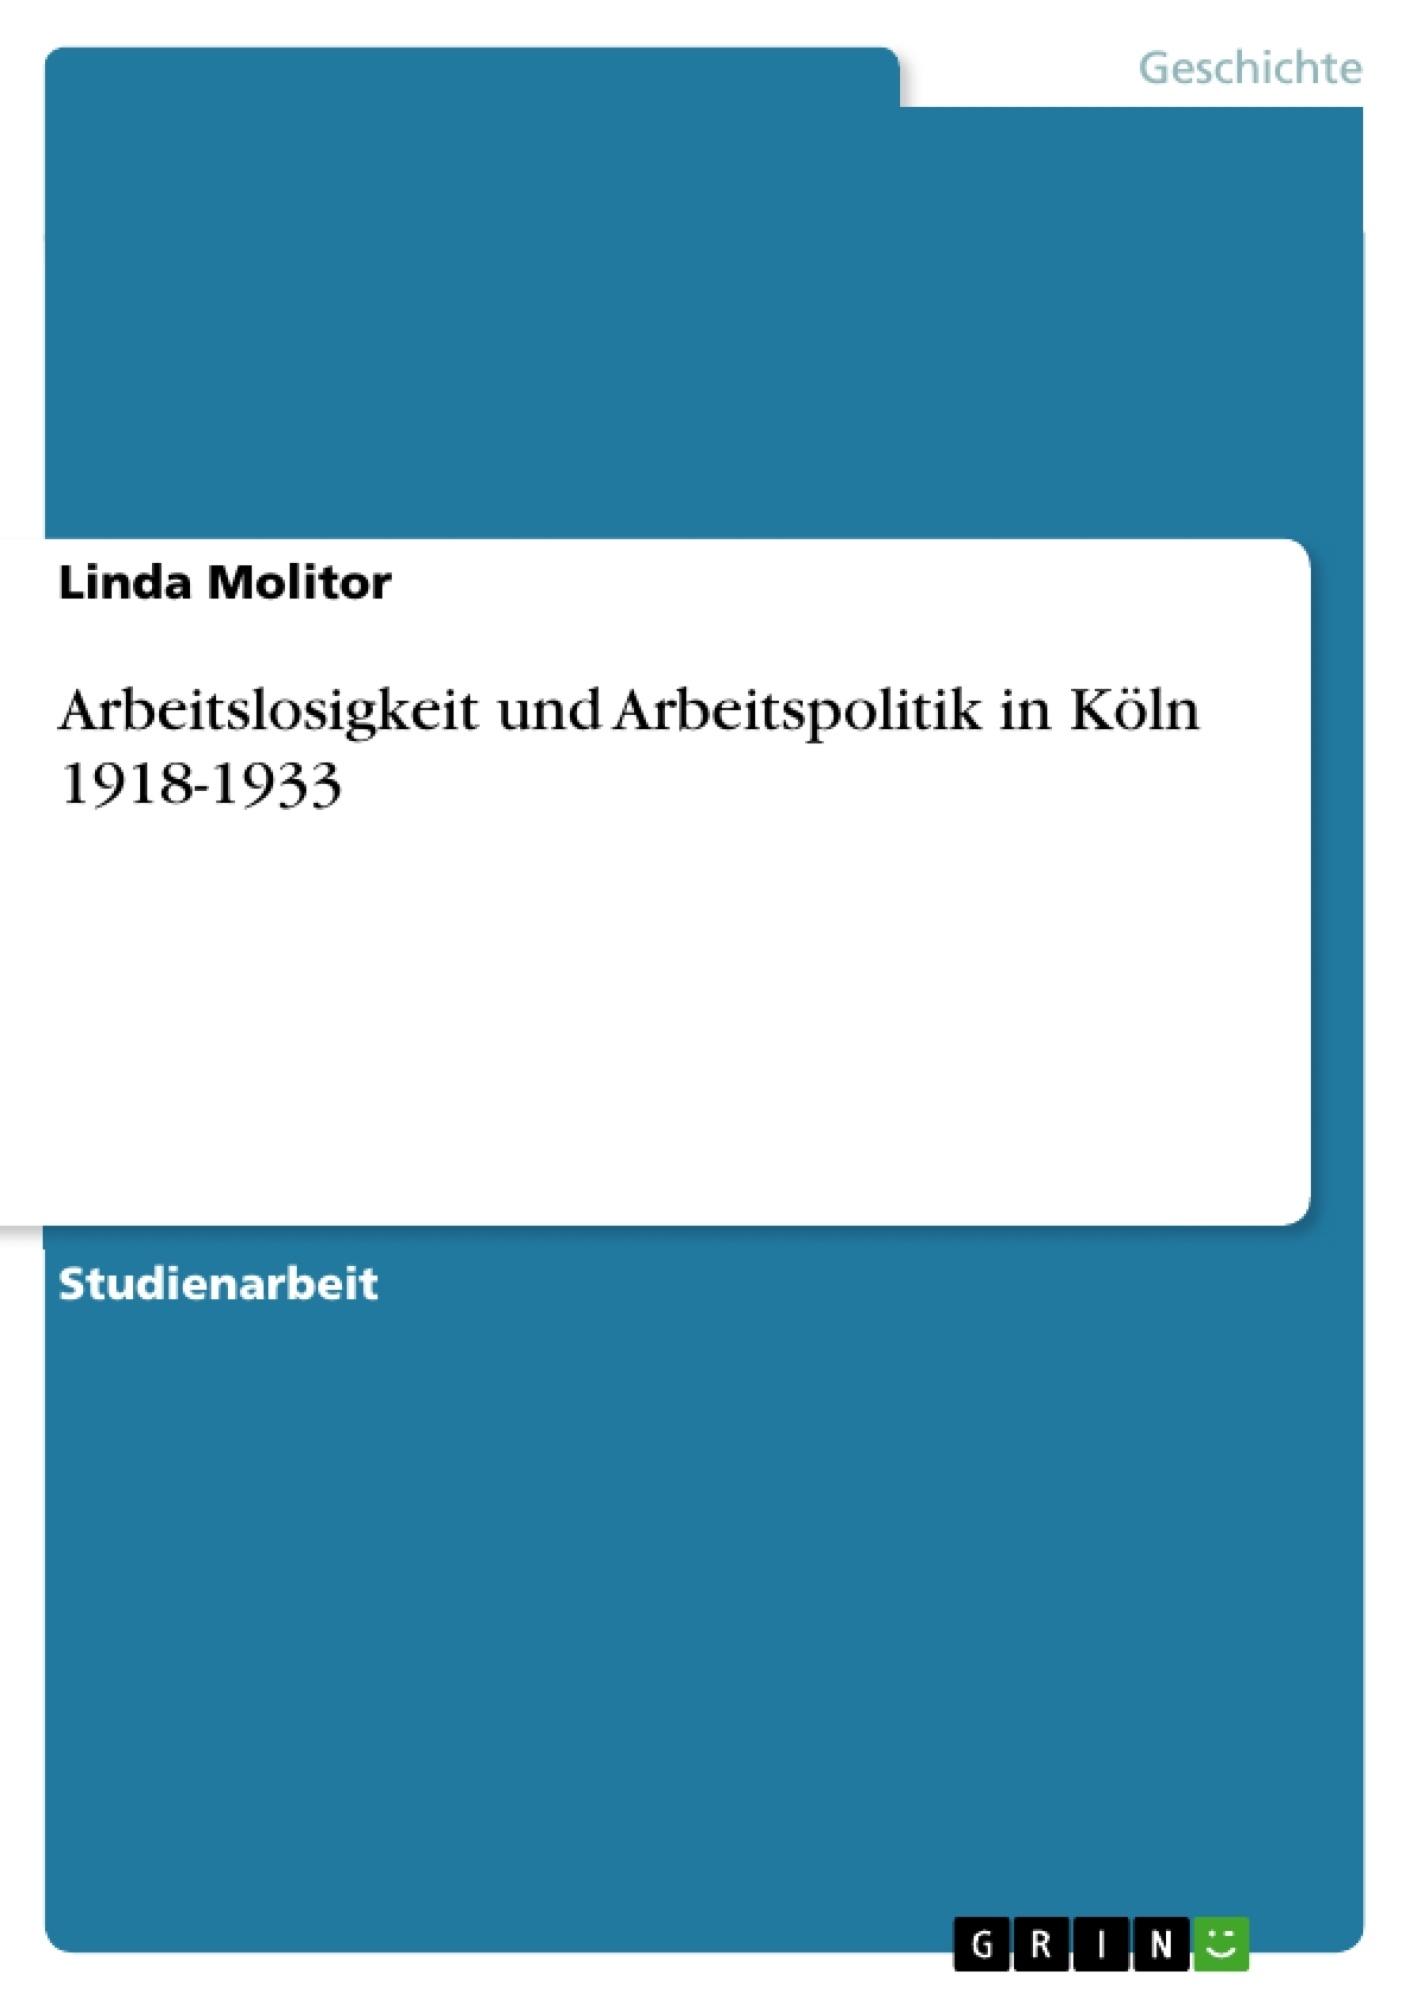 Titel: Arbeitslosigkeit und Arbeitspolitik in Köln 1918-1933